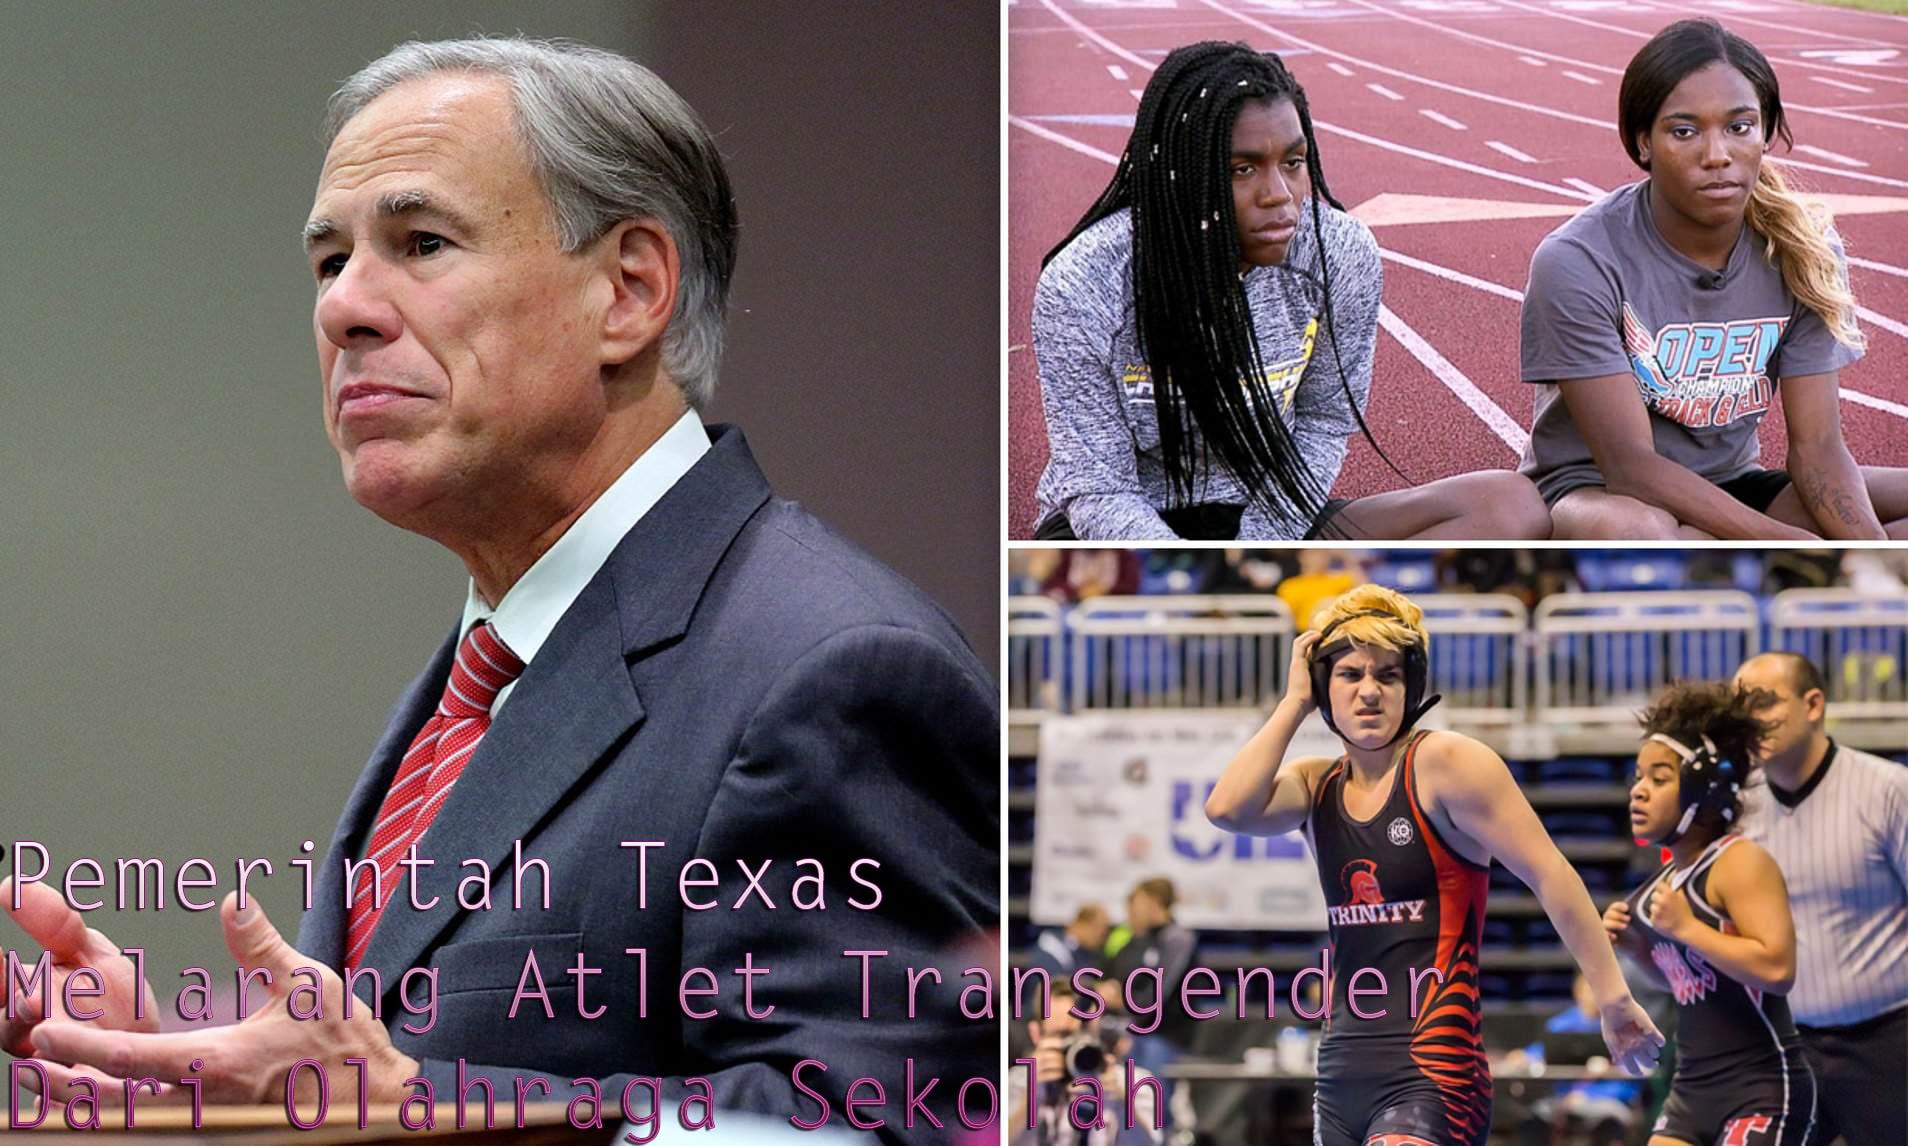 Pemerintah Texas Melarang Atlet Transgender Dari Olahraga Sekolah